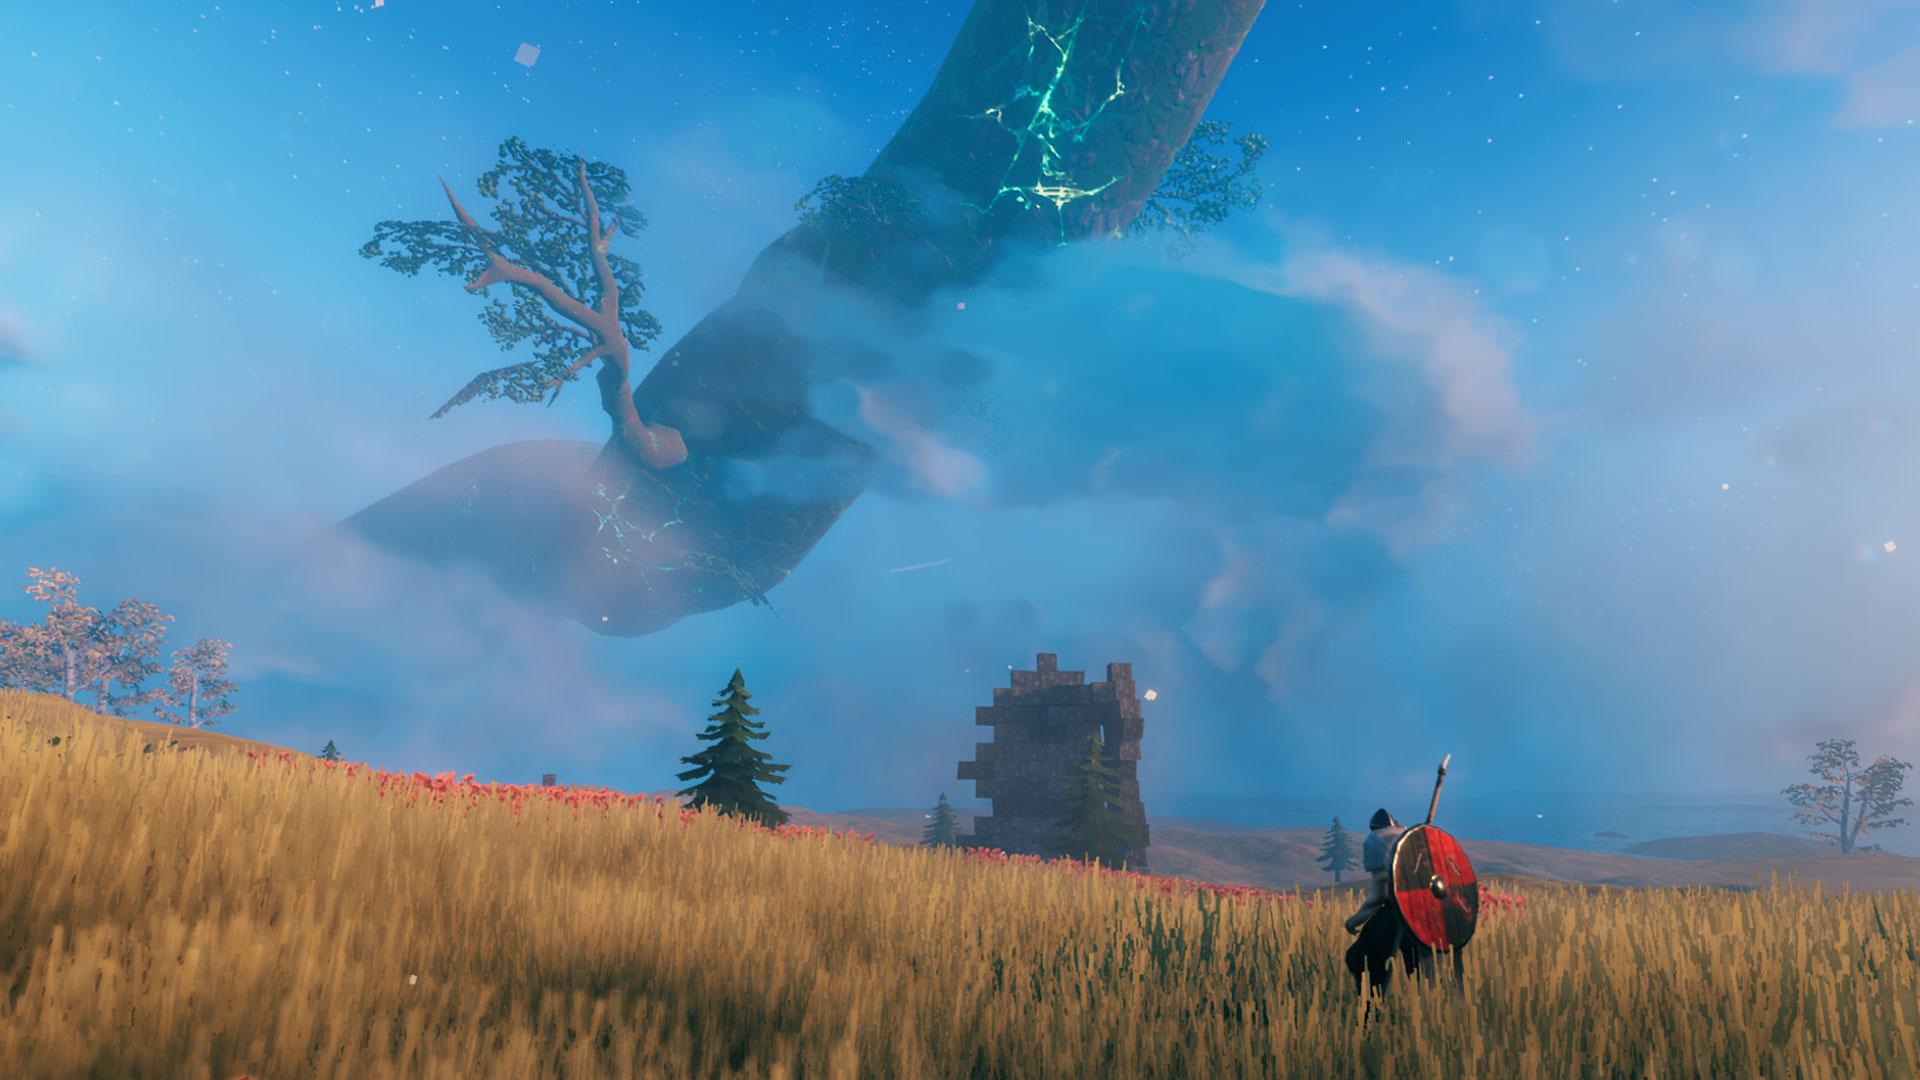 Ein Screenshot aus dem Spiel Valheim.